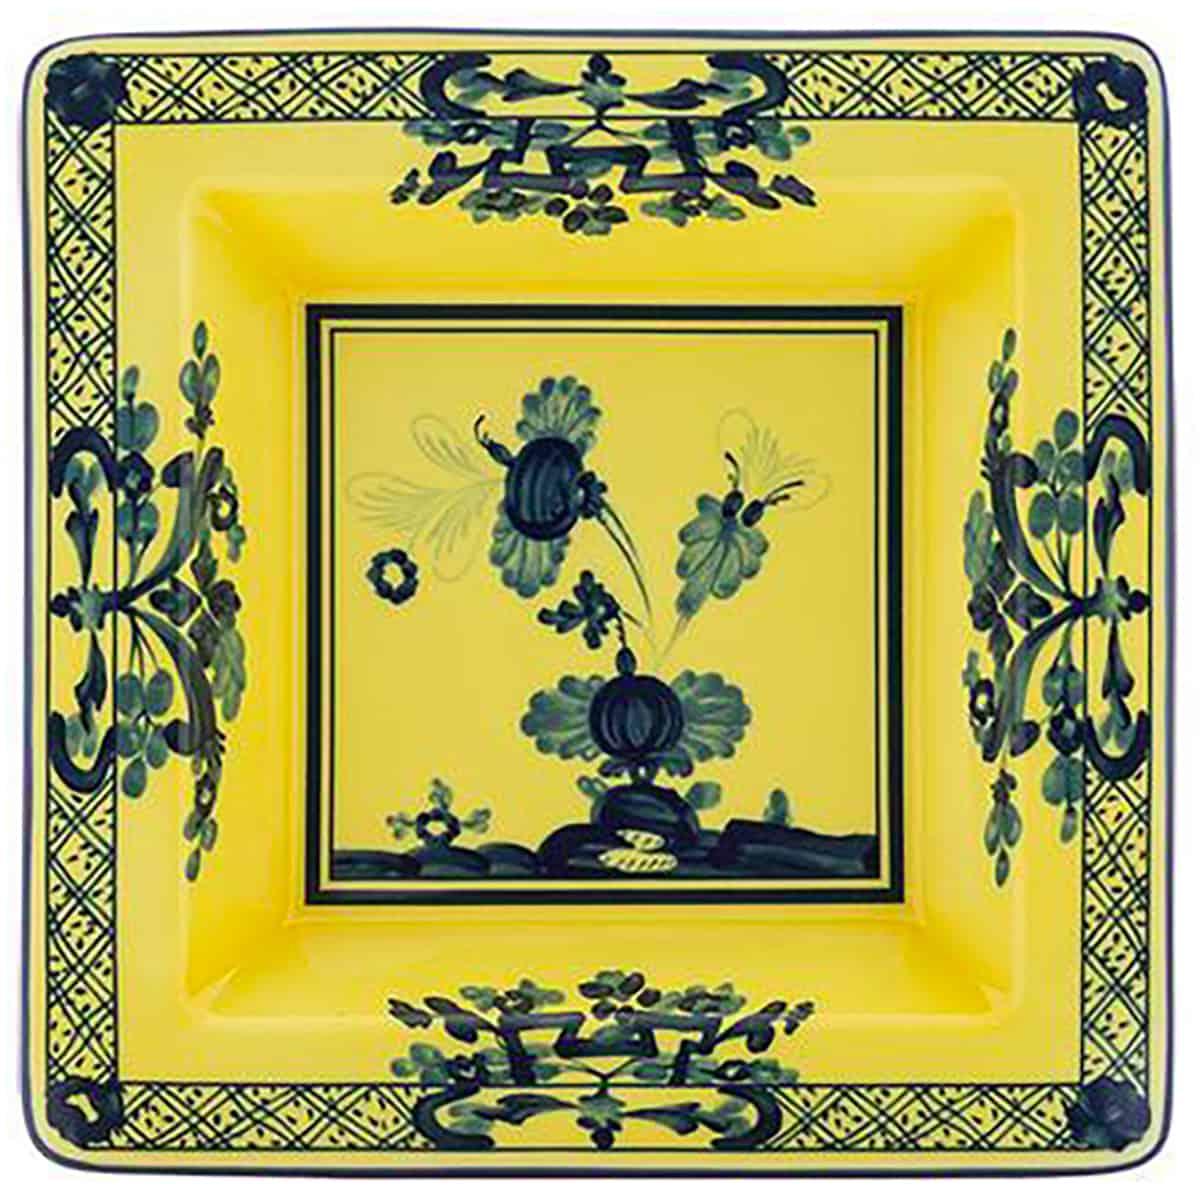 Oriente Italiano square Vide Poche by Ginori, $235. At ShopKSW.com